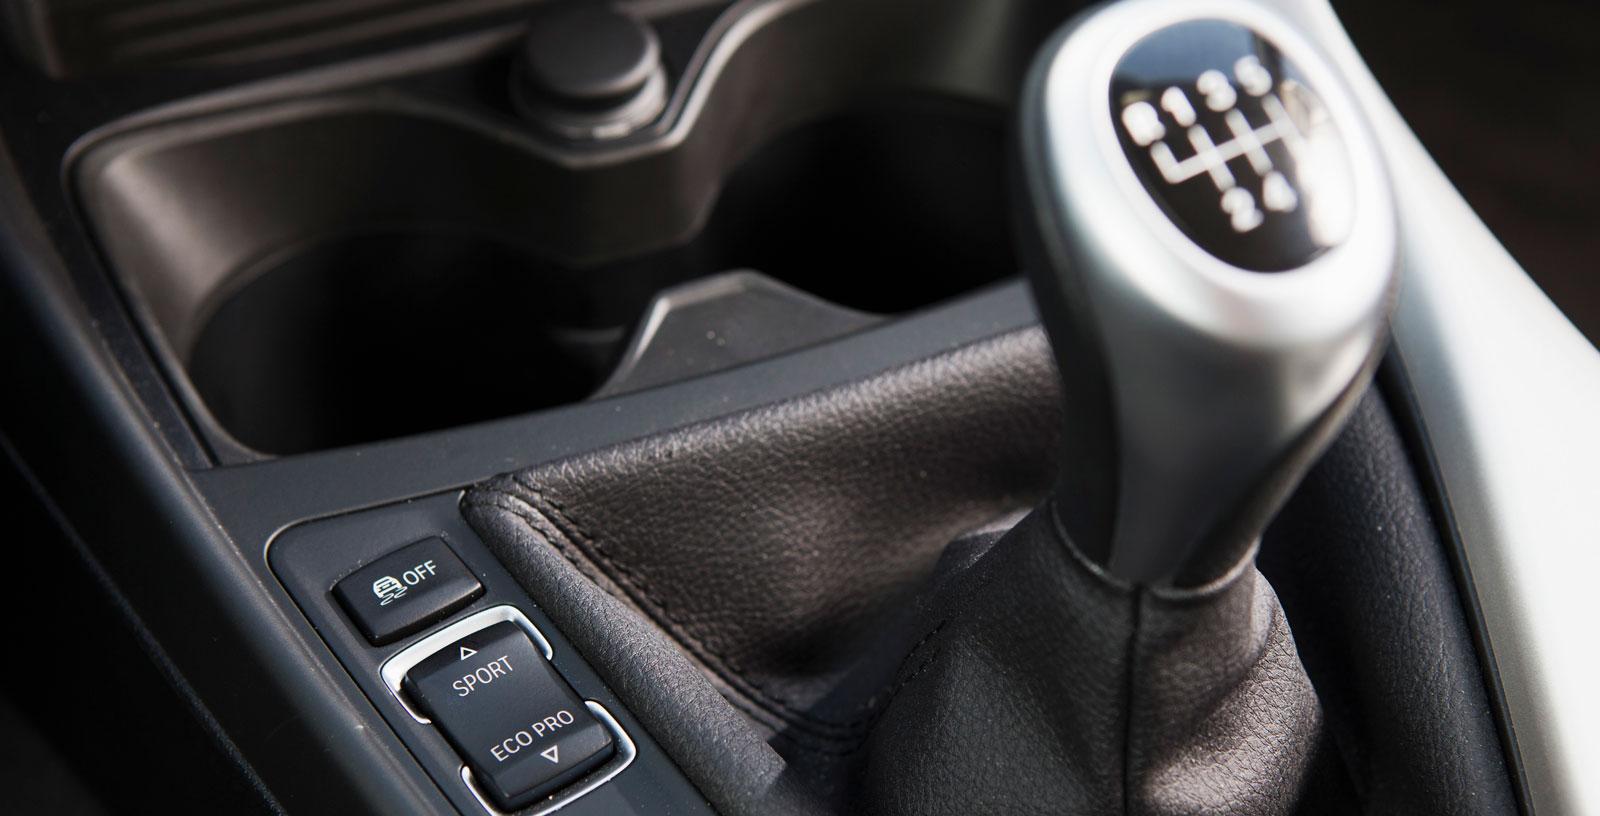 Tre körlägen i BMW, sköts enkelt med knappval. Smidig växellåda, väldigt hög utväxling på femman och sexan.